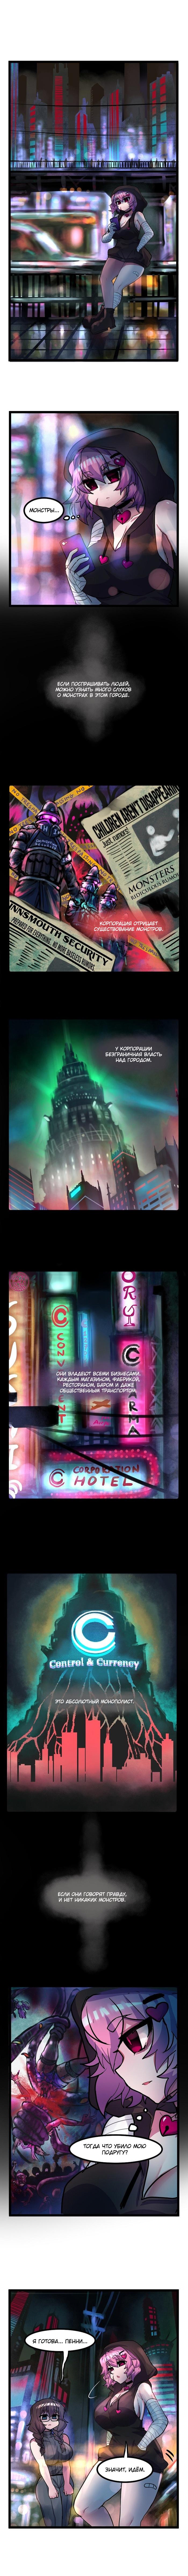 Ползущие сны [Crawling Dreams]. Эпизод 42. Комиксы, Перевод, Аниме, Не аниме, Merryweather, Crawlingdreams, Длиннопост, Перевел сам